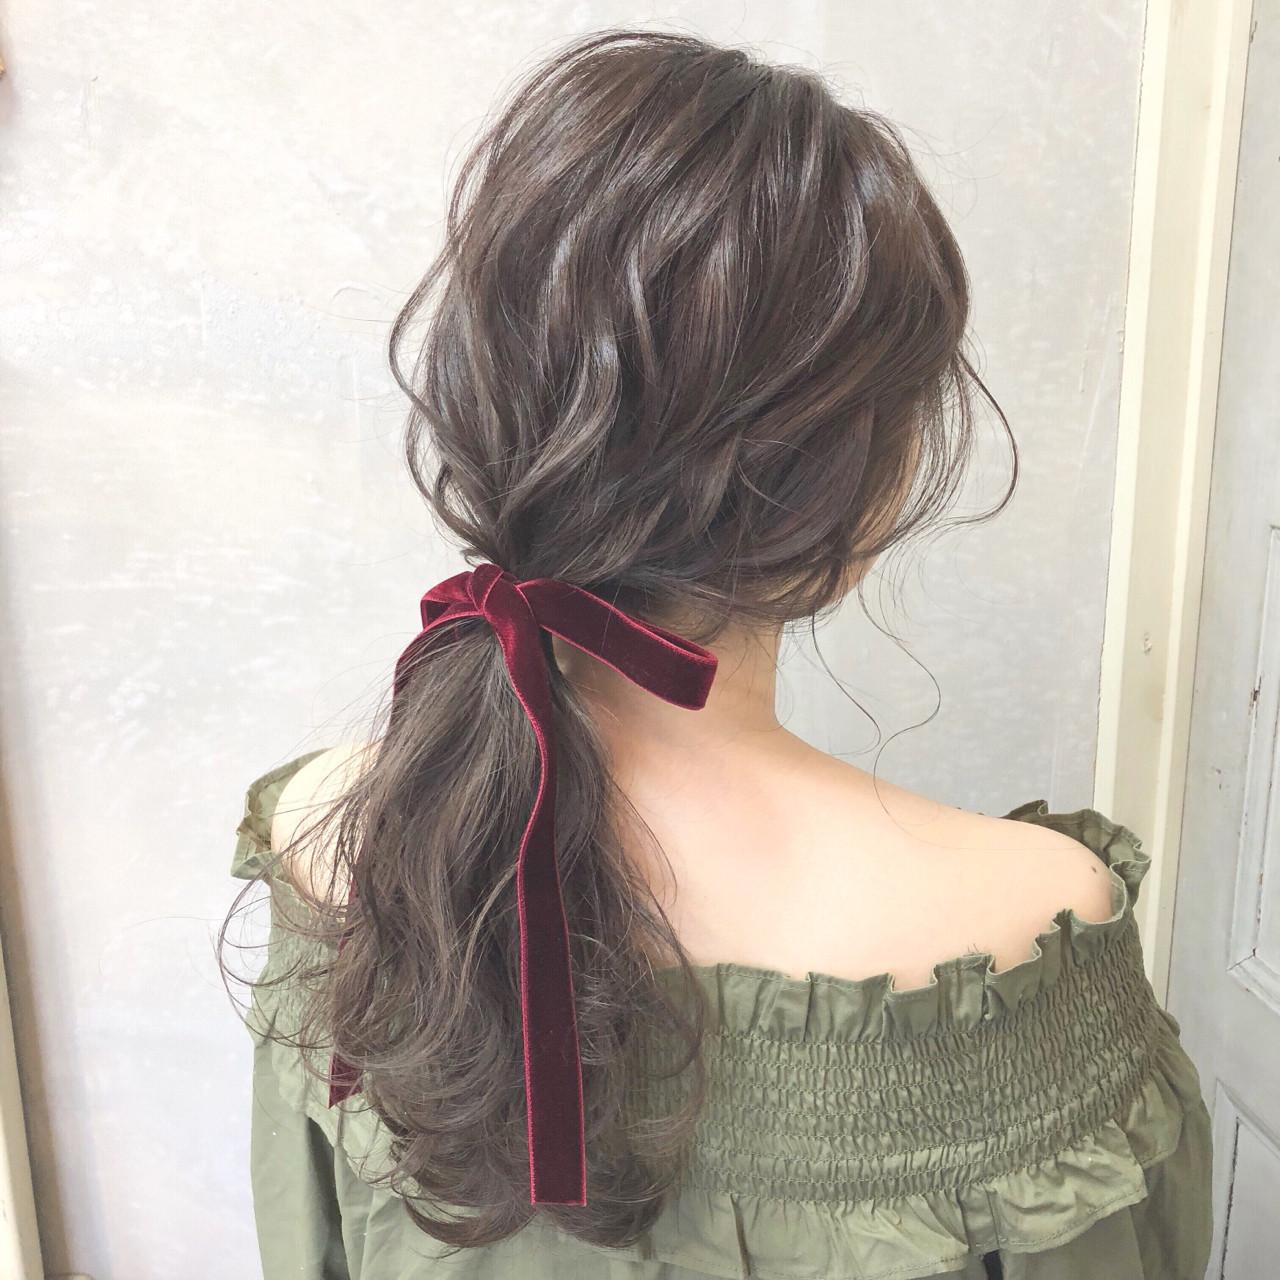 前髪で印象チェンジ!【ポニーテール×前髪】をスタイル別に徹底比較の5枚目の画像